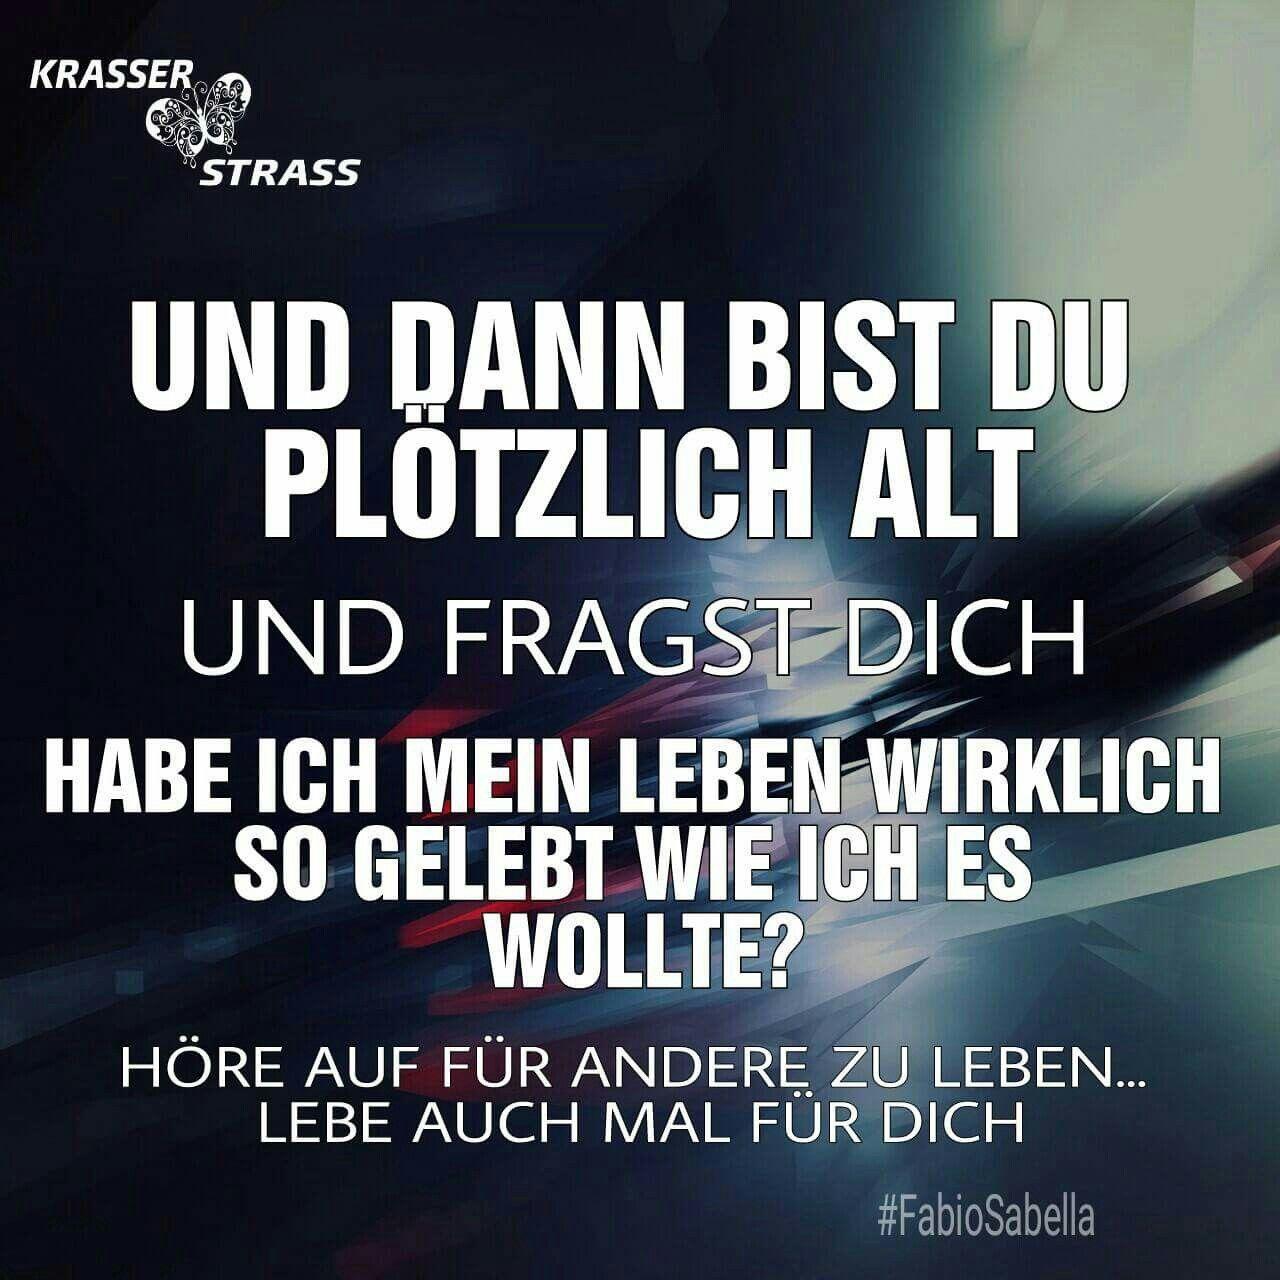 Sprüche Von Krasser Strass Facebook · Sprüche ZitateWorte